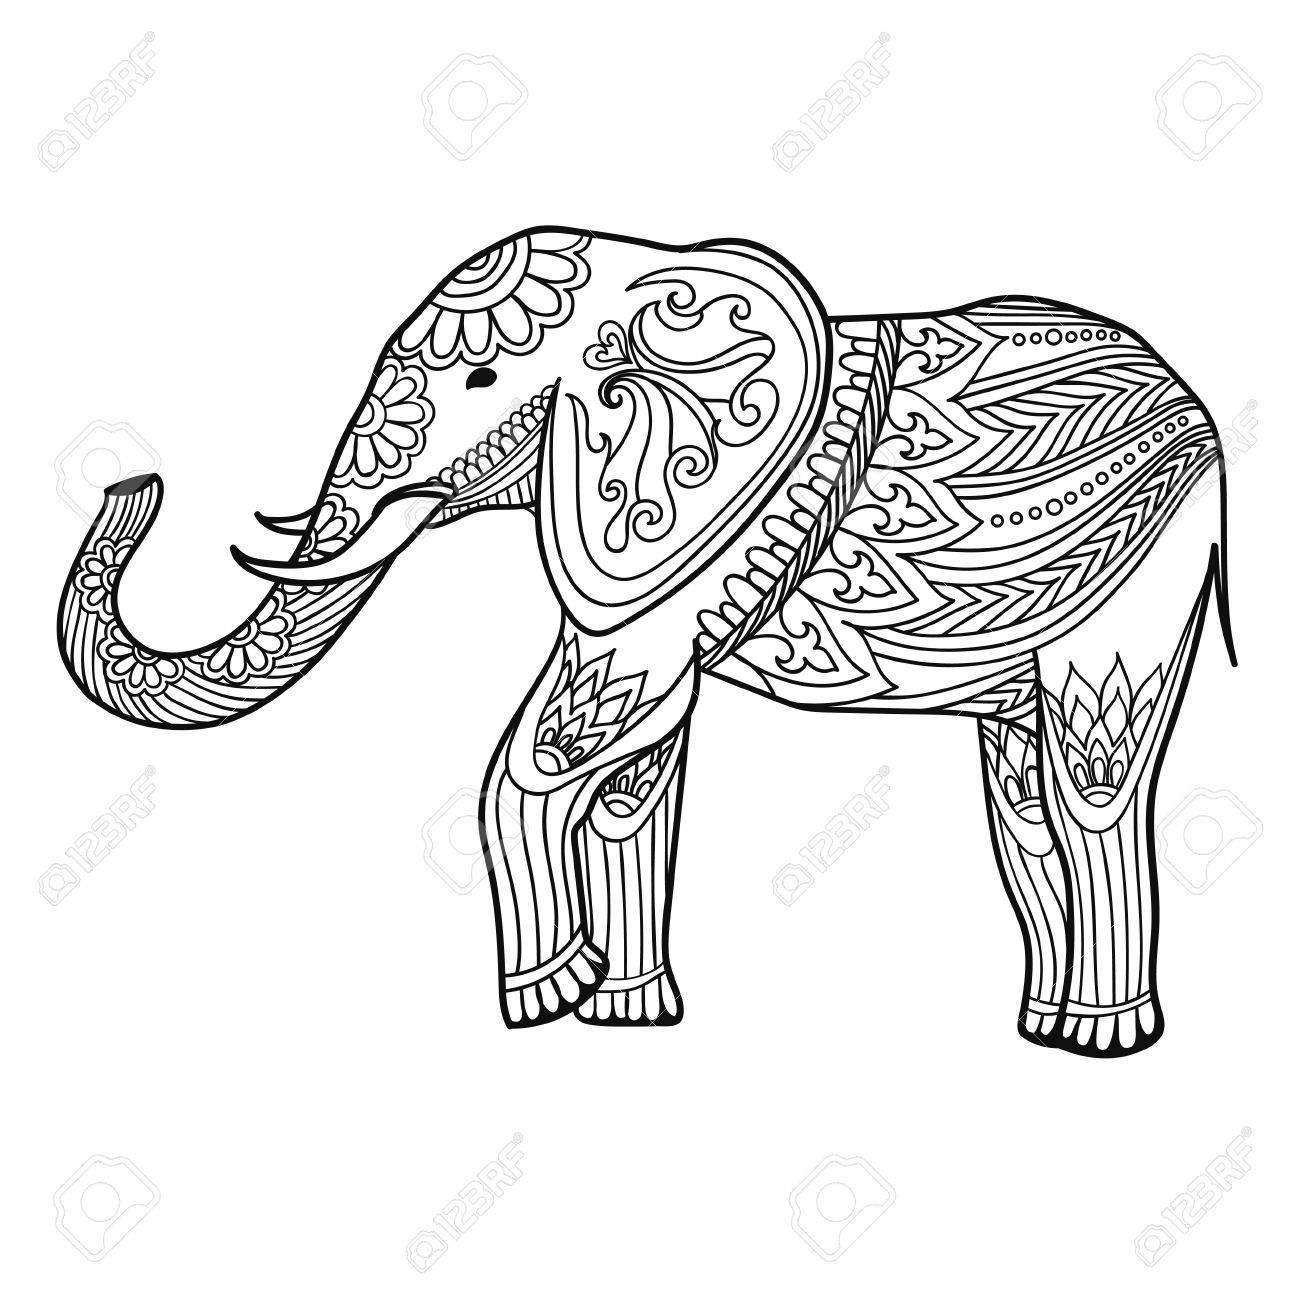 Indischer Elefant In Der Traditionellen Asiatischen Stil. Aufwändige ...